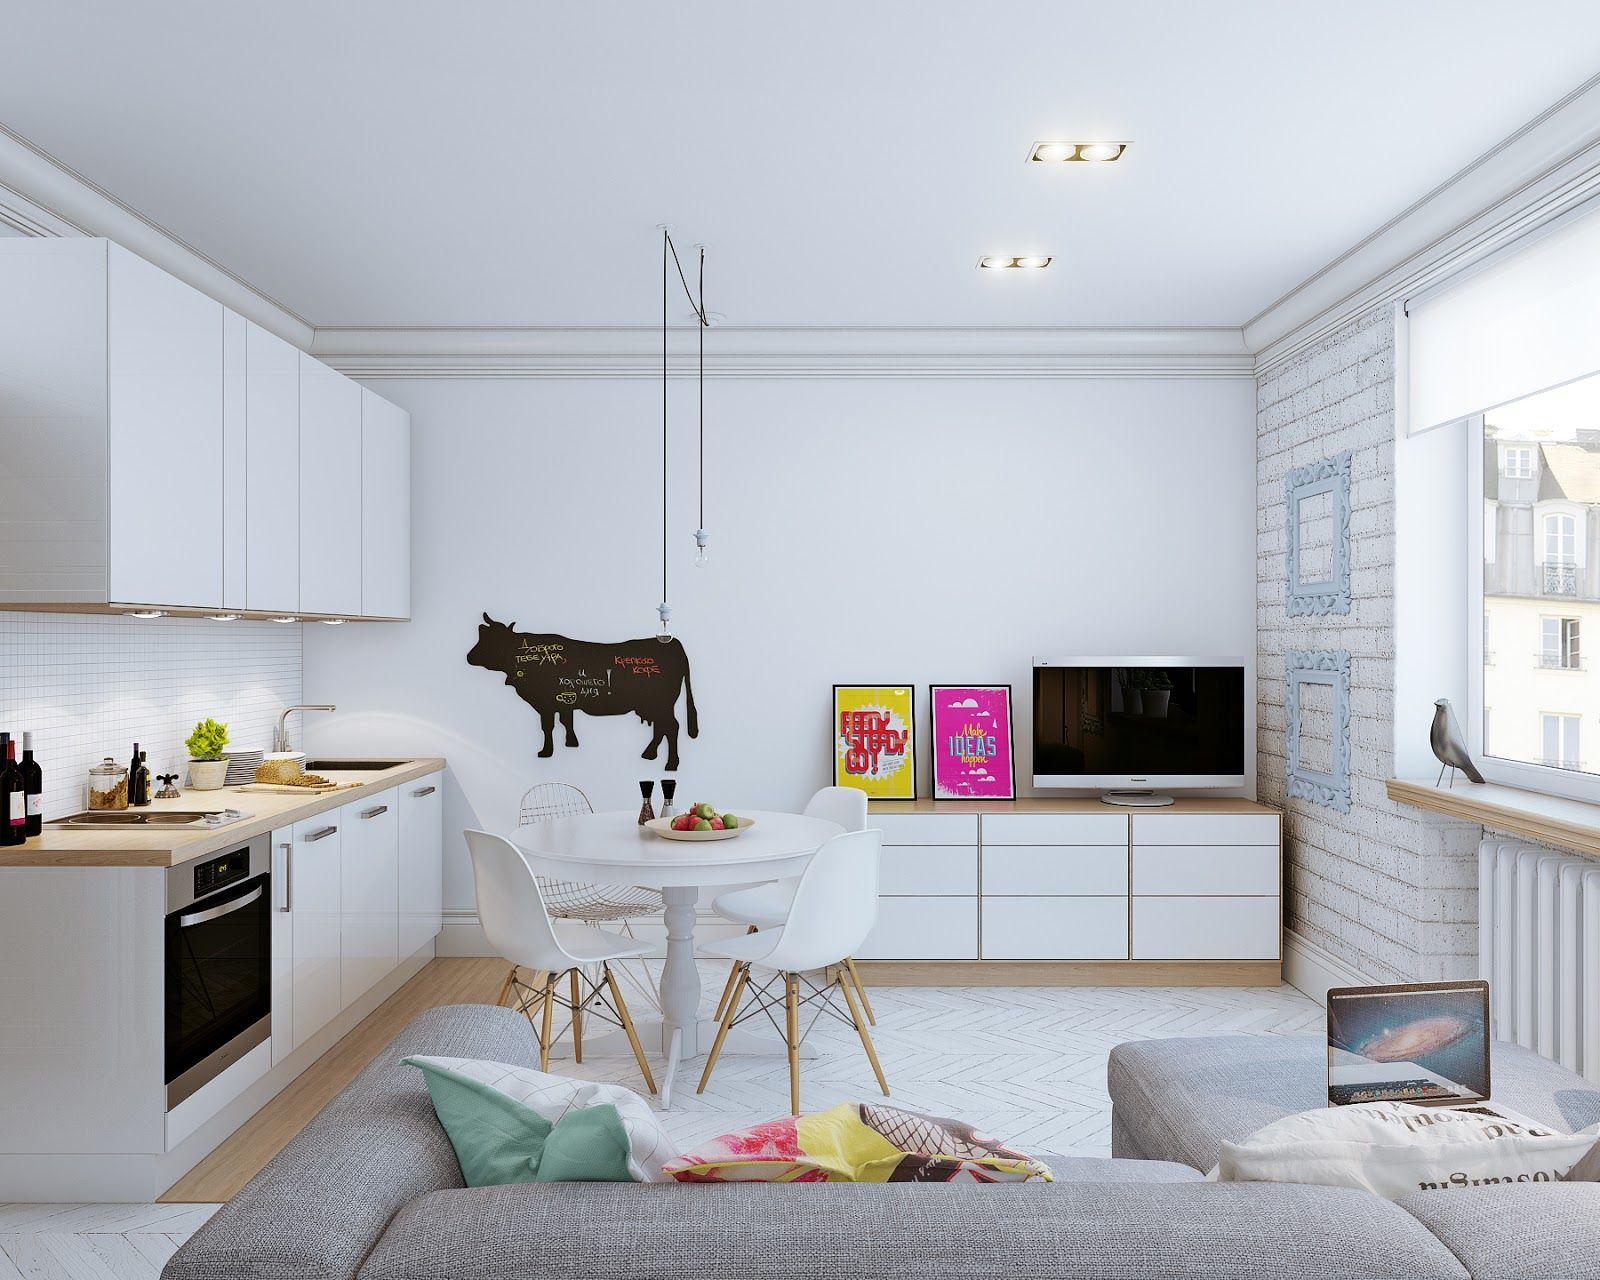 Como decorar una casa pequeña de 25 metros cuadrados | La hipoteca ...